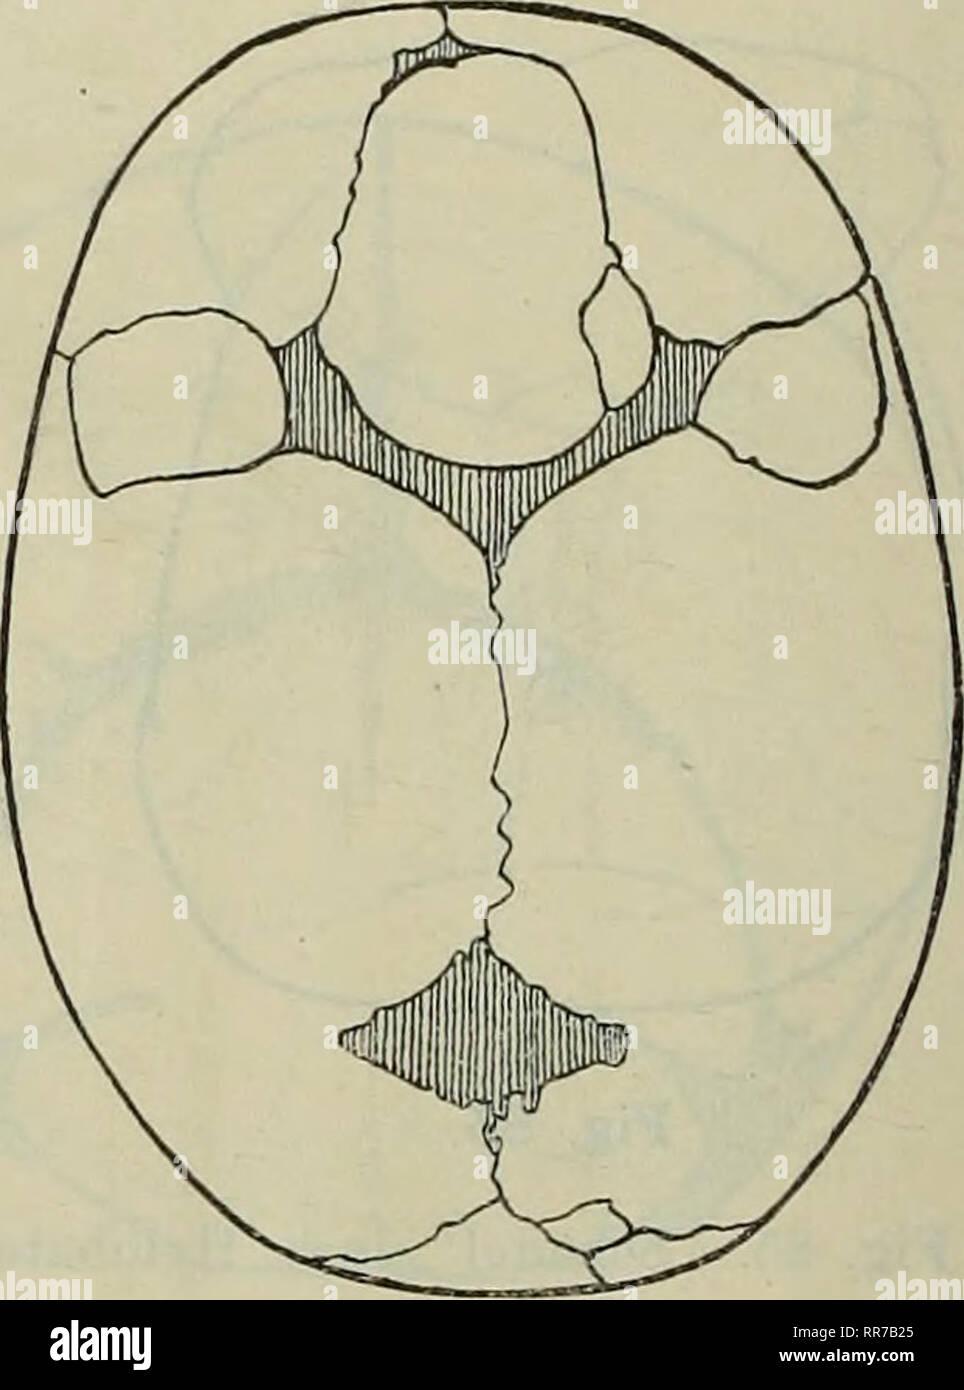 . Abhandlungen der Königlich Bayerischen Akademie der Wissenschaften. . Fig. 87. Fig. 88. Fig. 87. Schädel eines reifen Fötus mit symmetrischen Coronarnathknochen. ^/a natürlicher Grösse. Fig. 88. Gulliver's fötaler Schädel mit kolossalen symmetrischen Kranznathknochen. Daneben Fon- tanellknochen der grossen Fontanelle, sehr erweitertes, noch einfaches Foramen parietale. (Journal of Anatomy u. Physiology 1890/91. Proceedings of the Anat. Soc. of gr. B. and J. November 1890, S. 2.) Copie 2/3 des Originals. individuell beträchtliche Verschiedenheiten aufweisen, erhalten auch die sie ausfüllenden - Stock Image